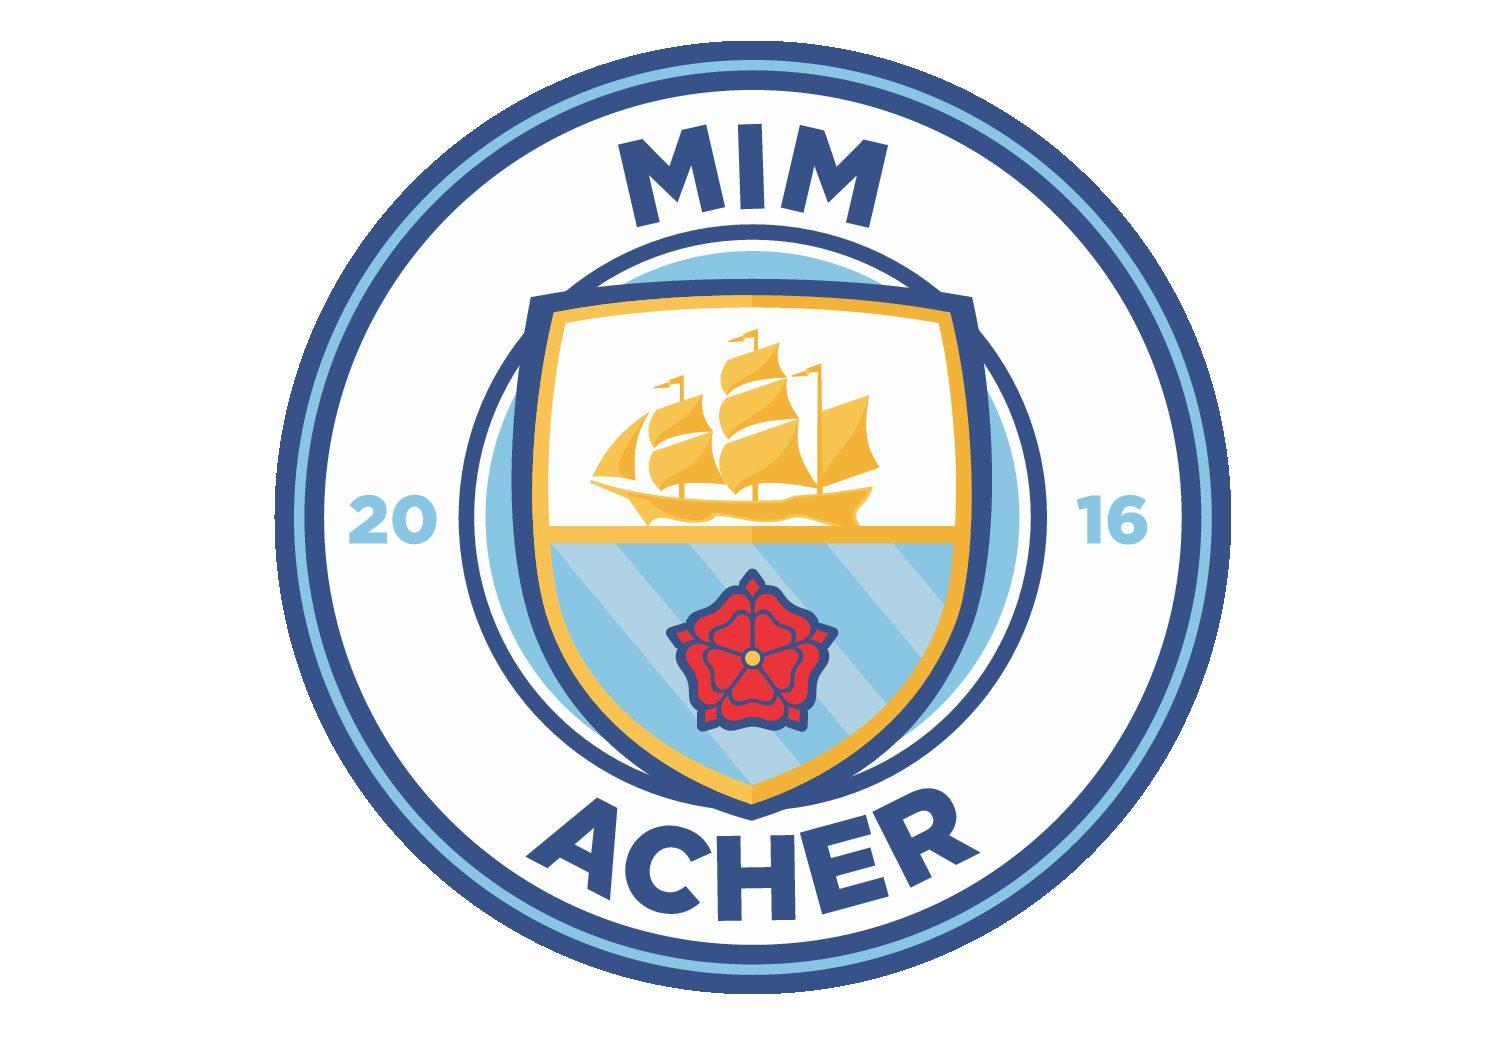 EQUIPE MIM ACHER